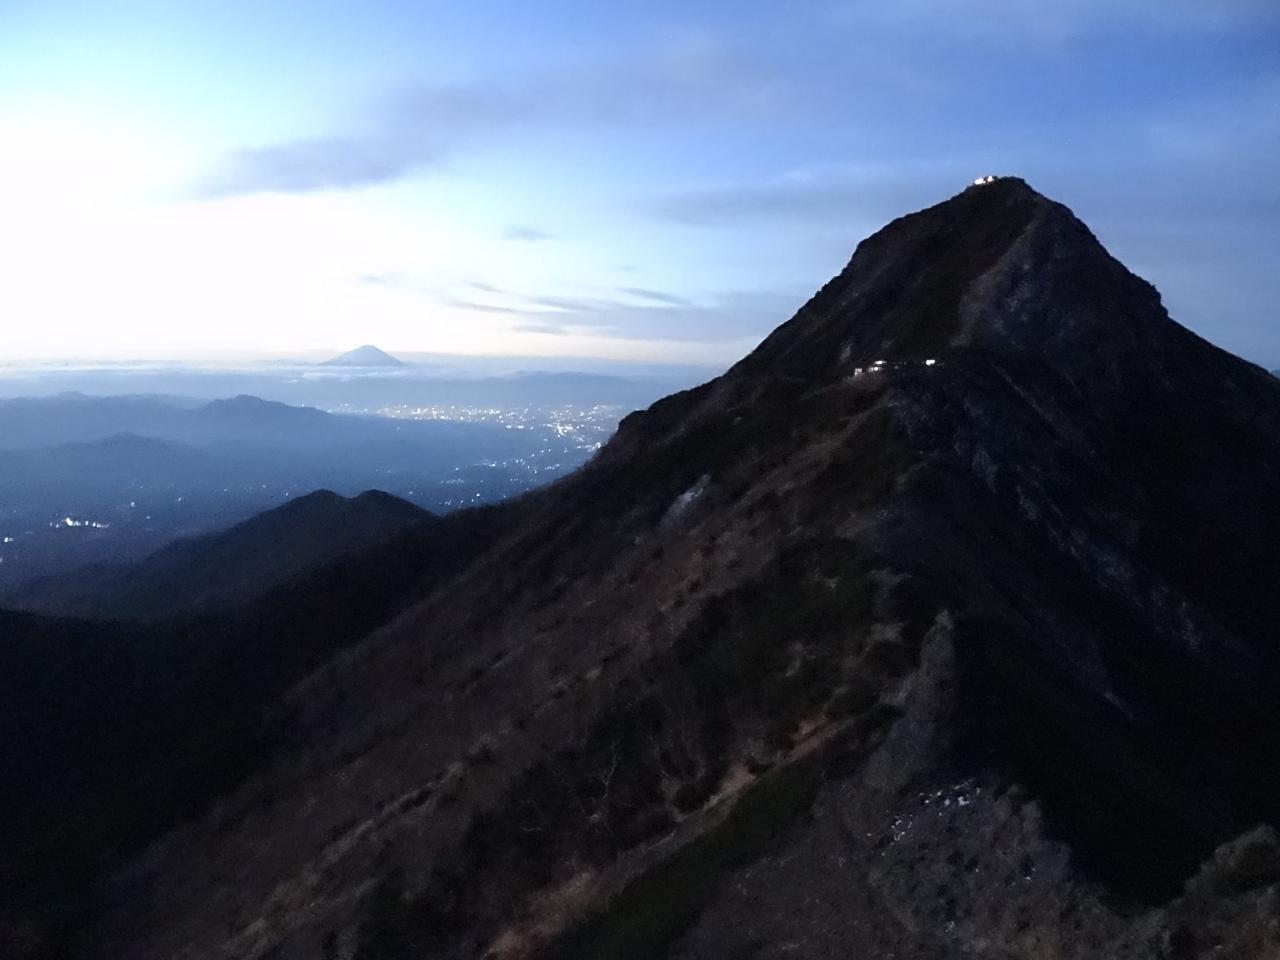 日ノ岳でご来光を待つことにしました。日ノ岳は難所の一枚岩を越えた上 ...